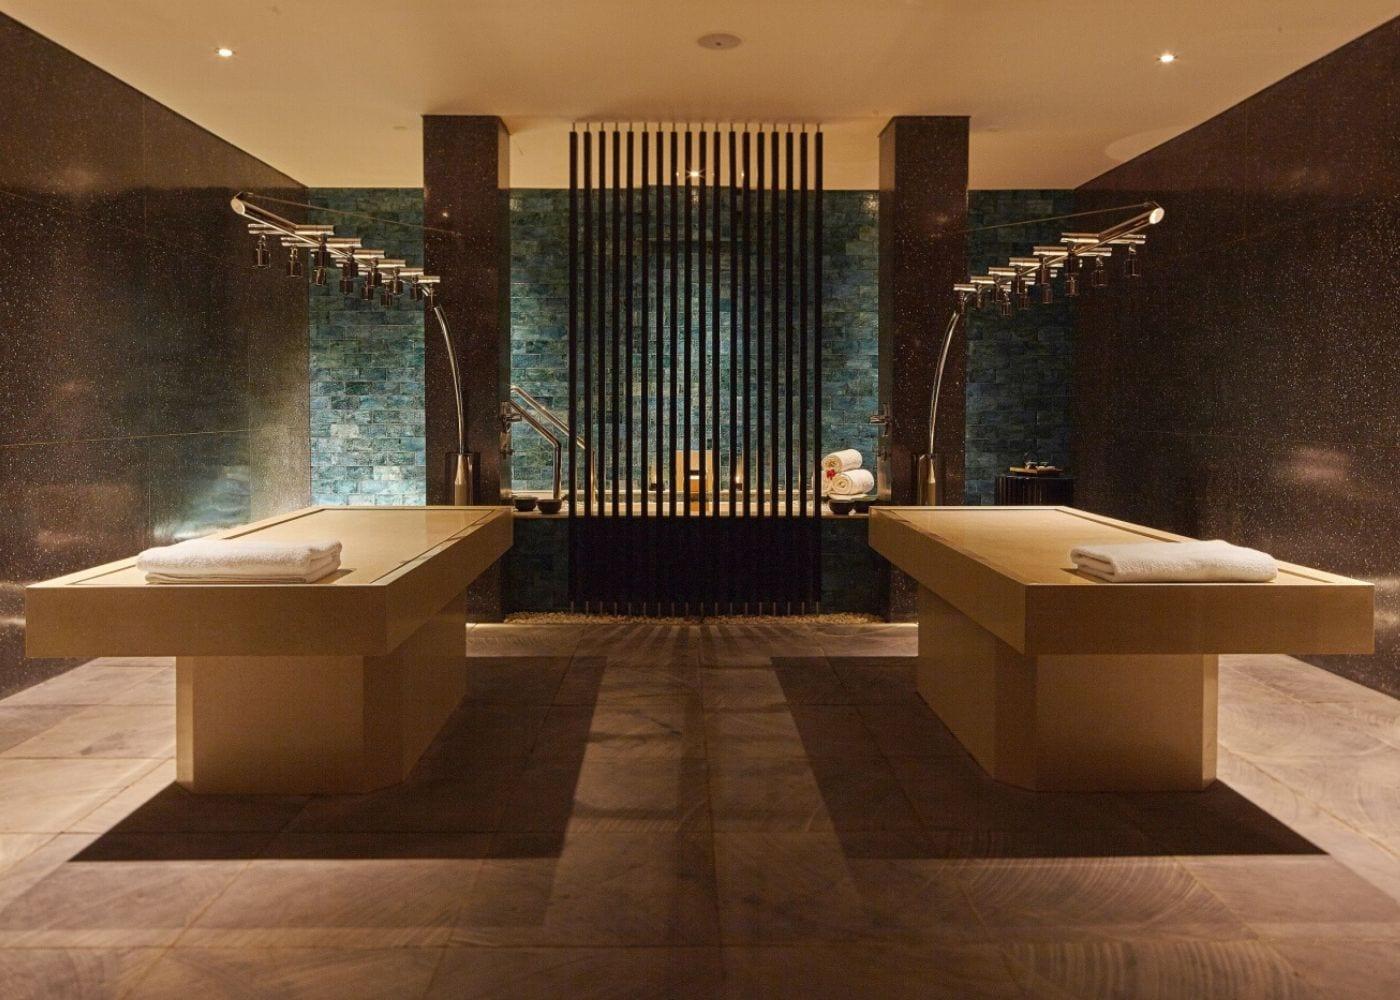 Vichy shower for mineral ritual treatment at Spa Alila at Alila Seminyak